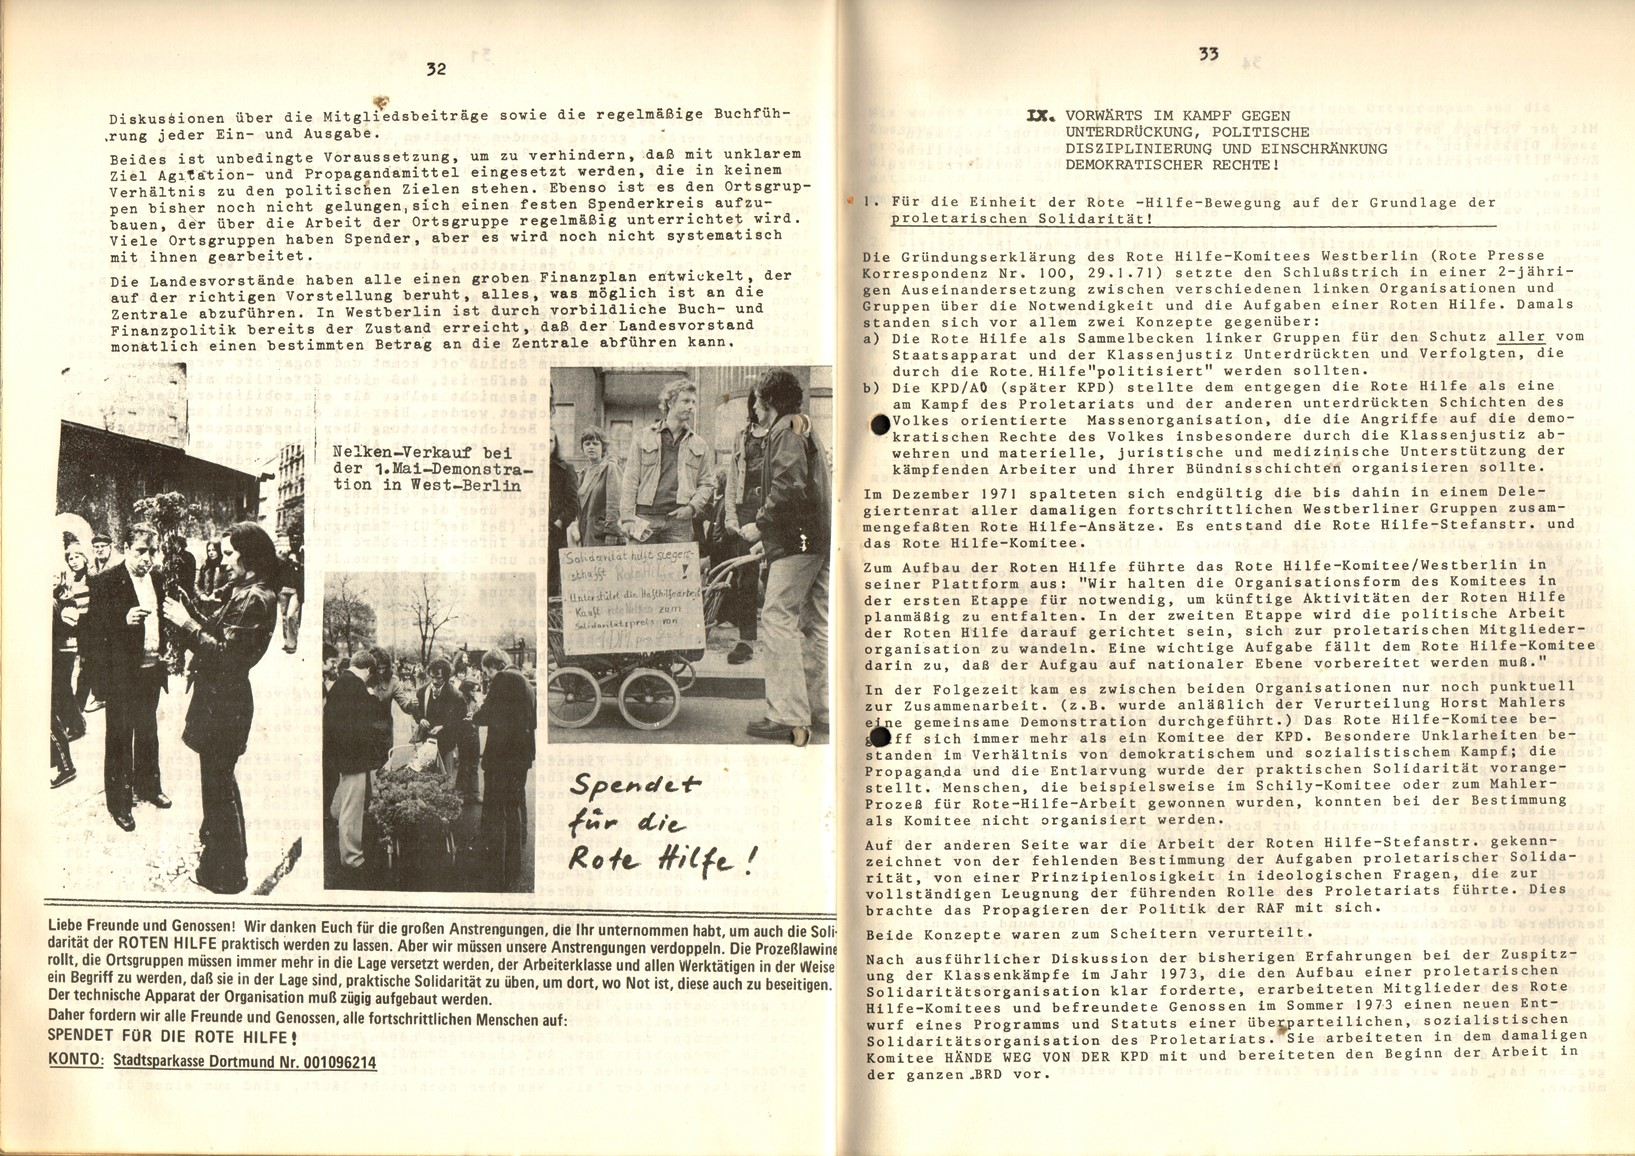 Dortmund_RHev_1974_Rechenschaftsbericht_18